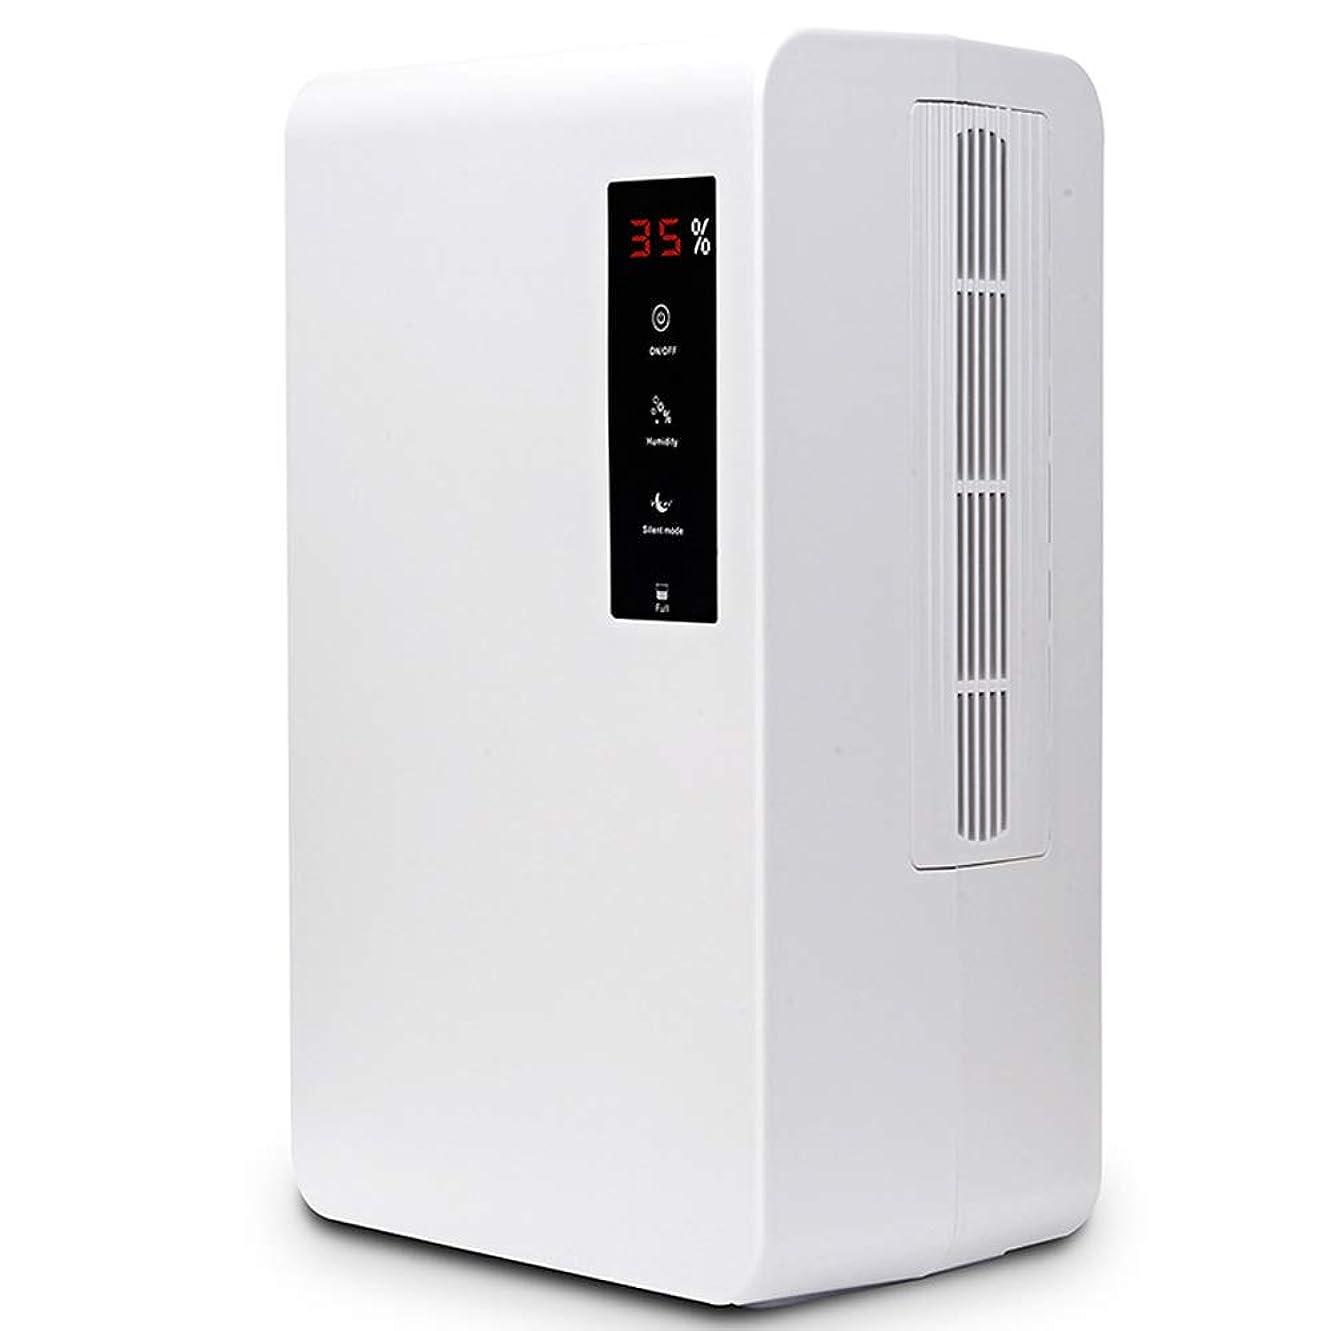 素子階段軍除湿器、家庭用インテリジェント除湿器、インテリジェントタッチコントロール、リビングルームキッチンの水分に調整可能な湿度